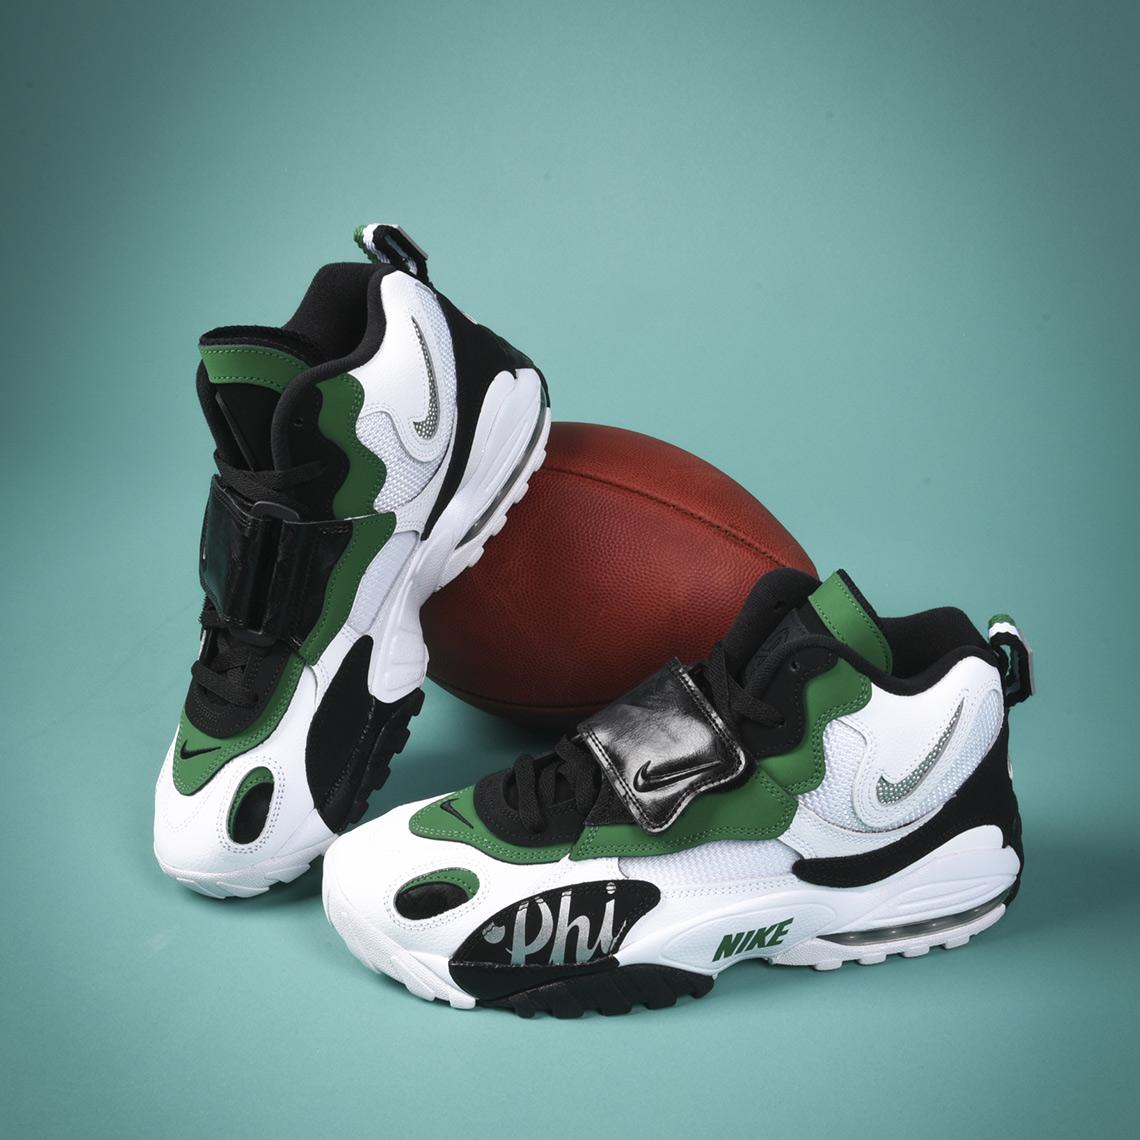 ada3396aa6f Nike Speed Turf Max  150. Color  White Metallic Silver Pine Green Black